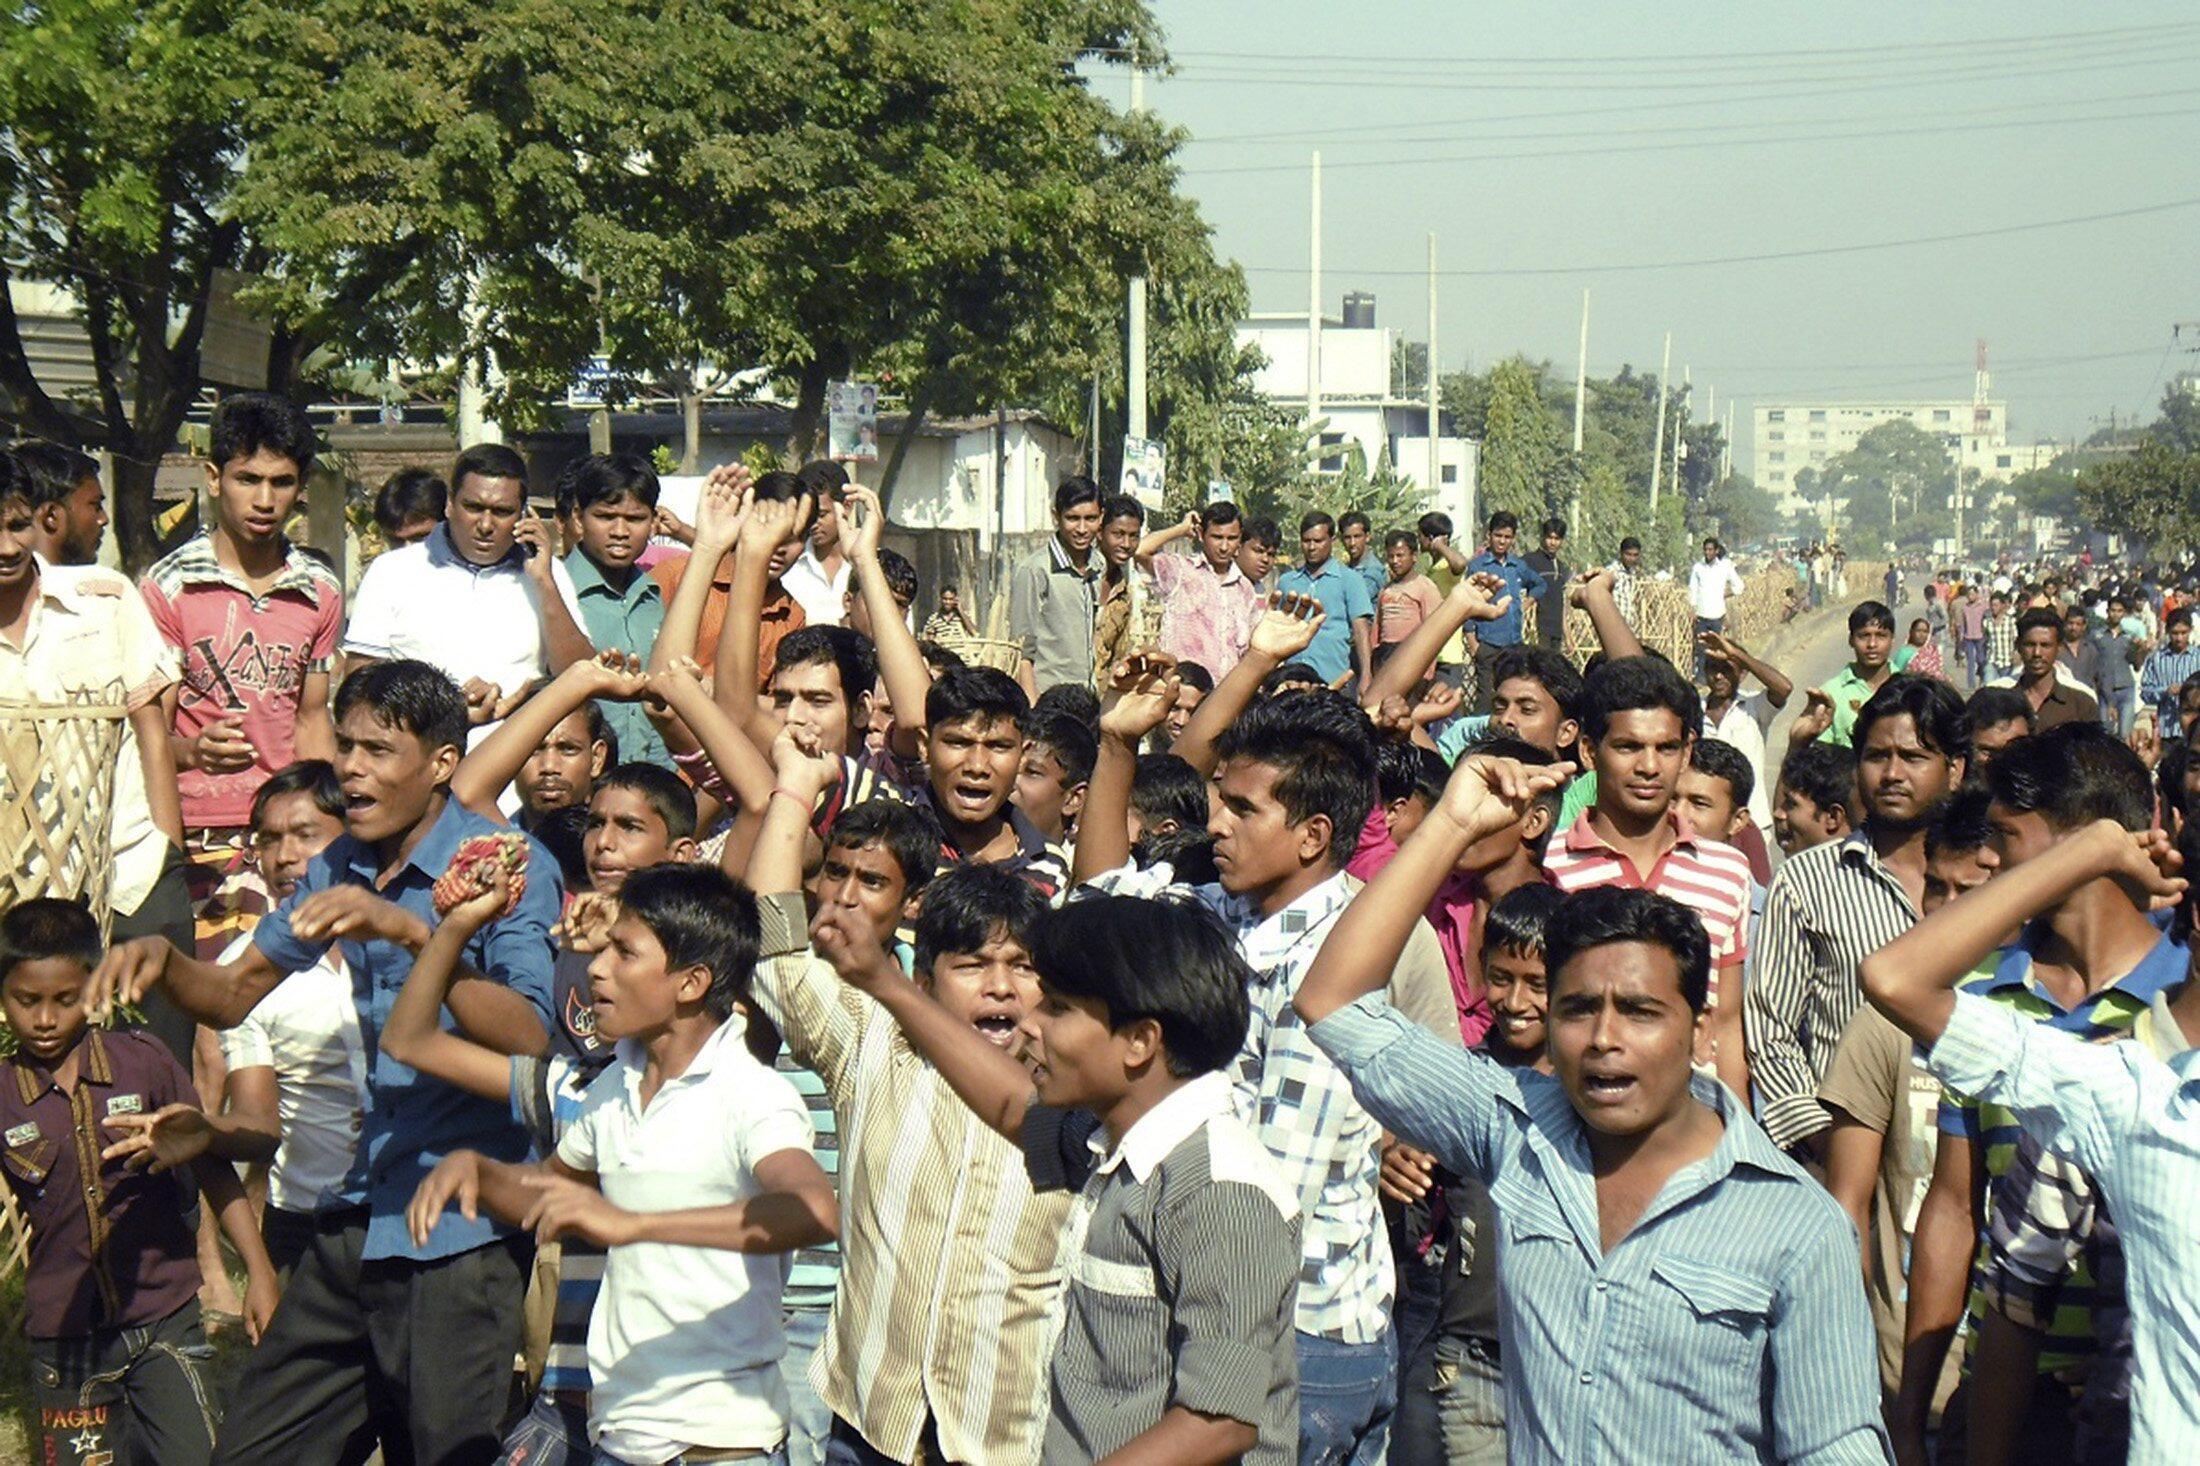 Công nhân ngành dệt may Bangladesh biểu tình đòi tăng lương 13/11/2013 - REUTERS /Stringer